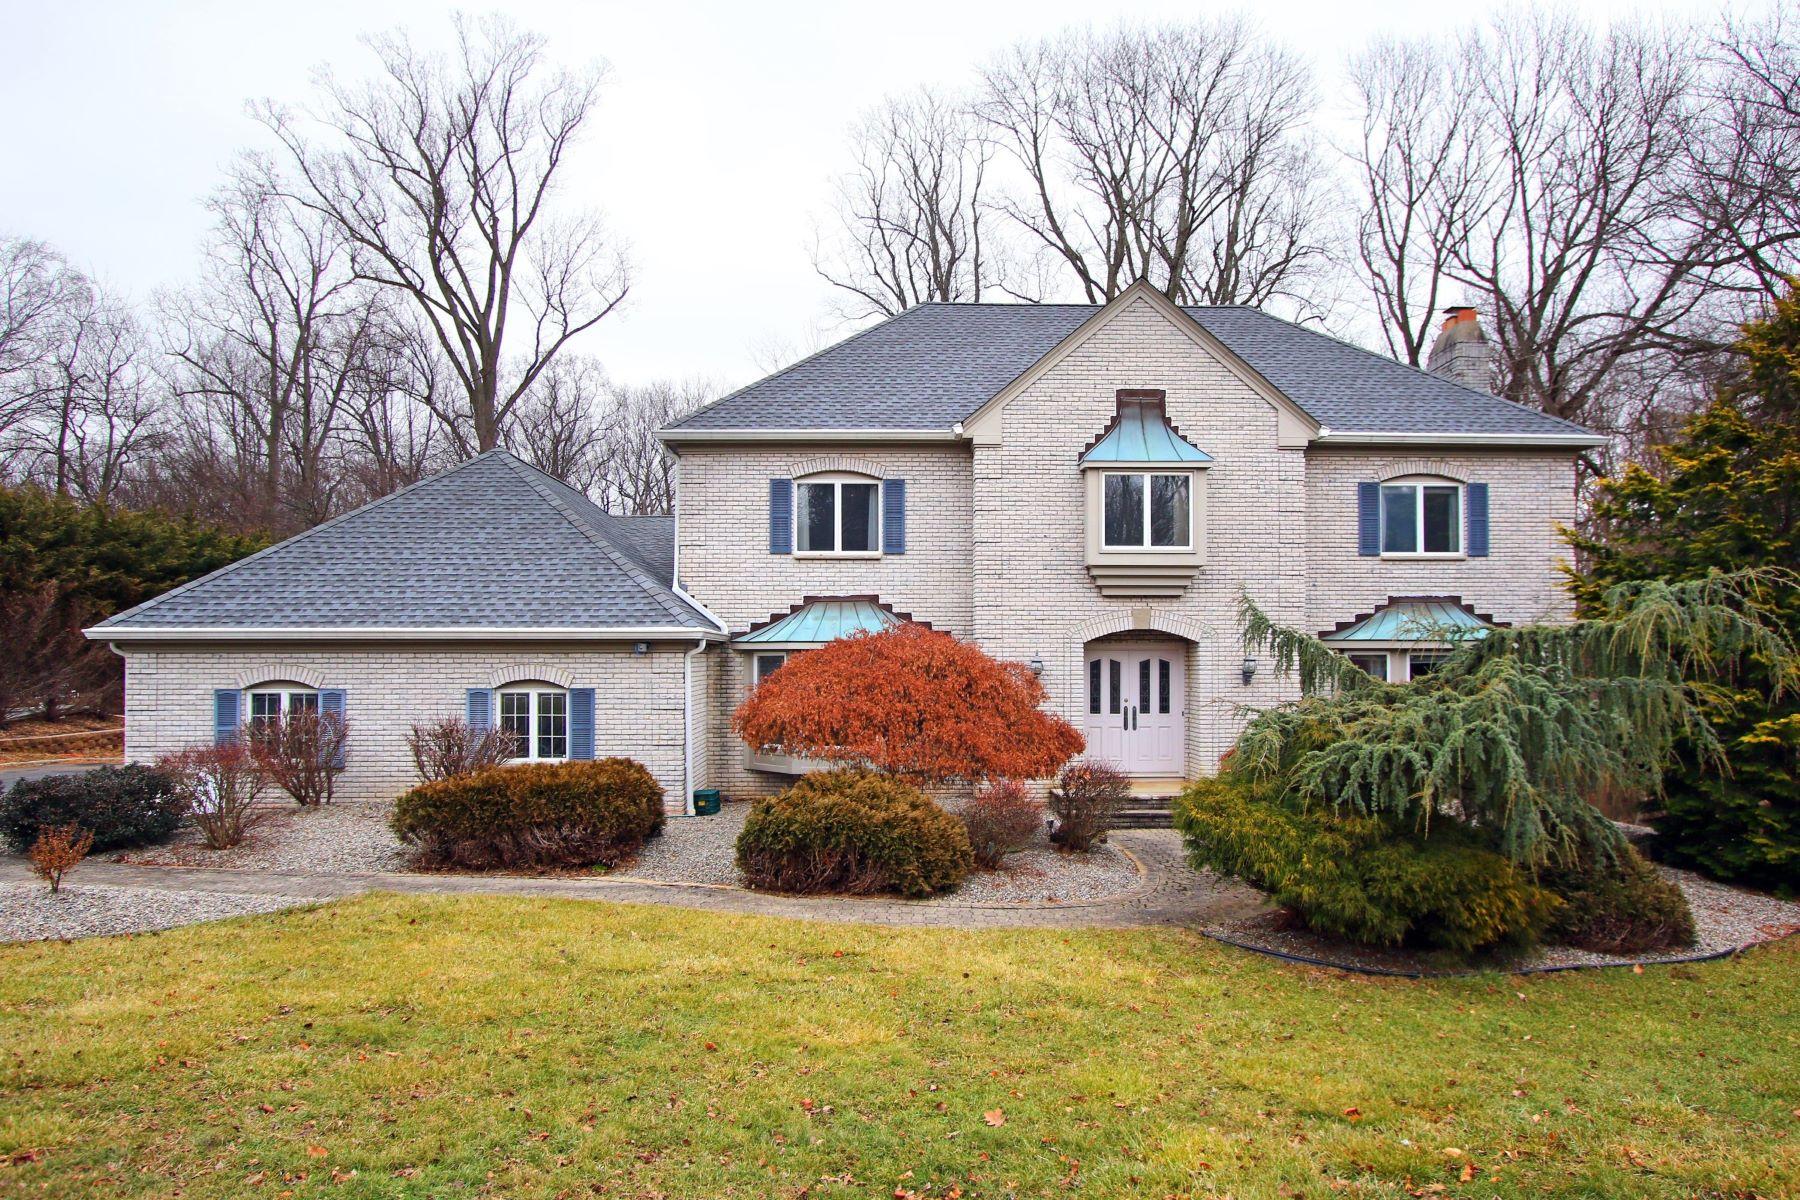 단독 가정 주택 용 매매 에 Magnificent Brick Front Colonial 65 Takolusa Dr. Holmdel, 뉴저지 07733 미국